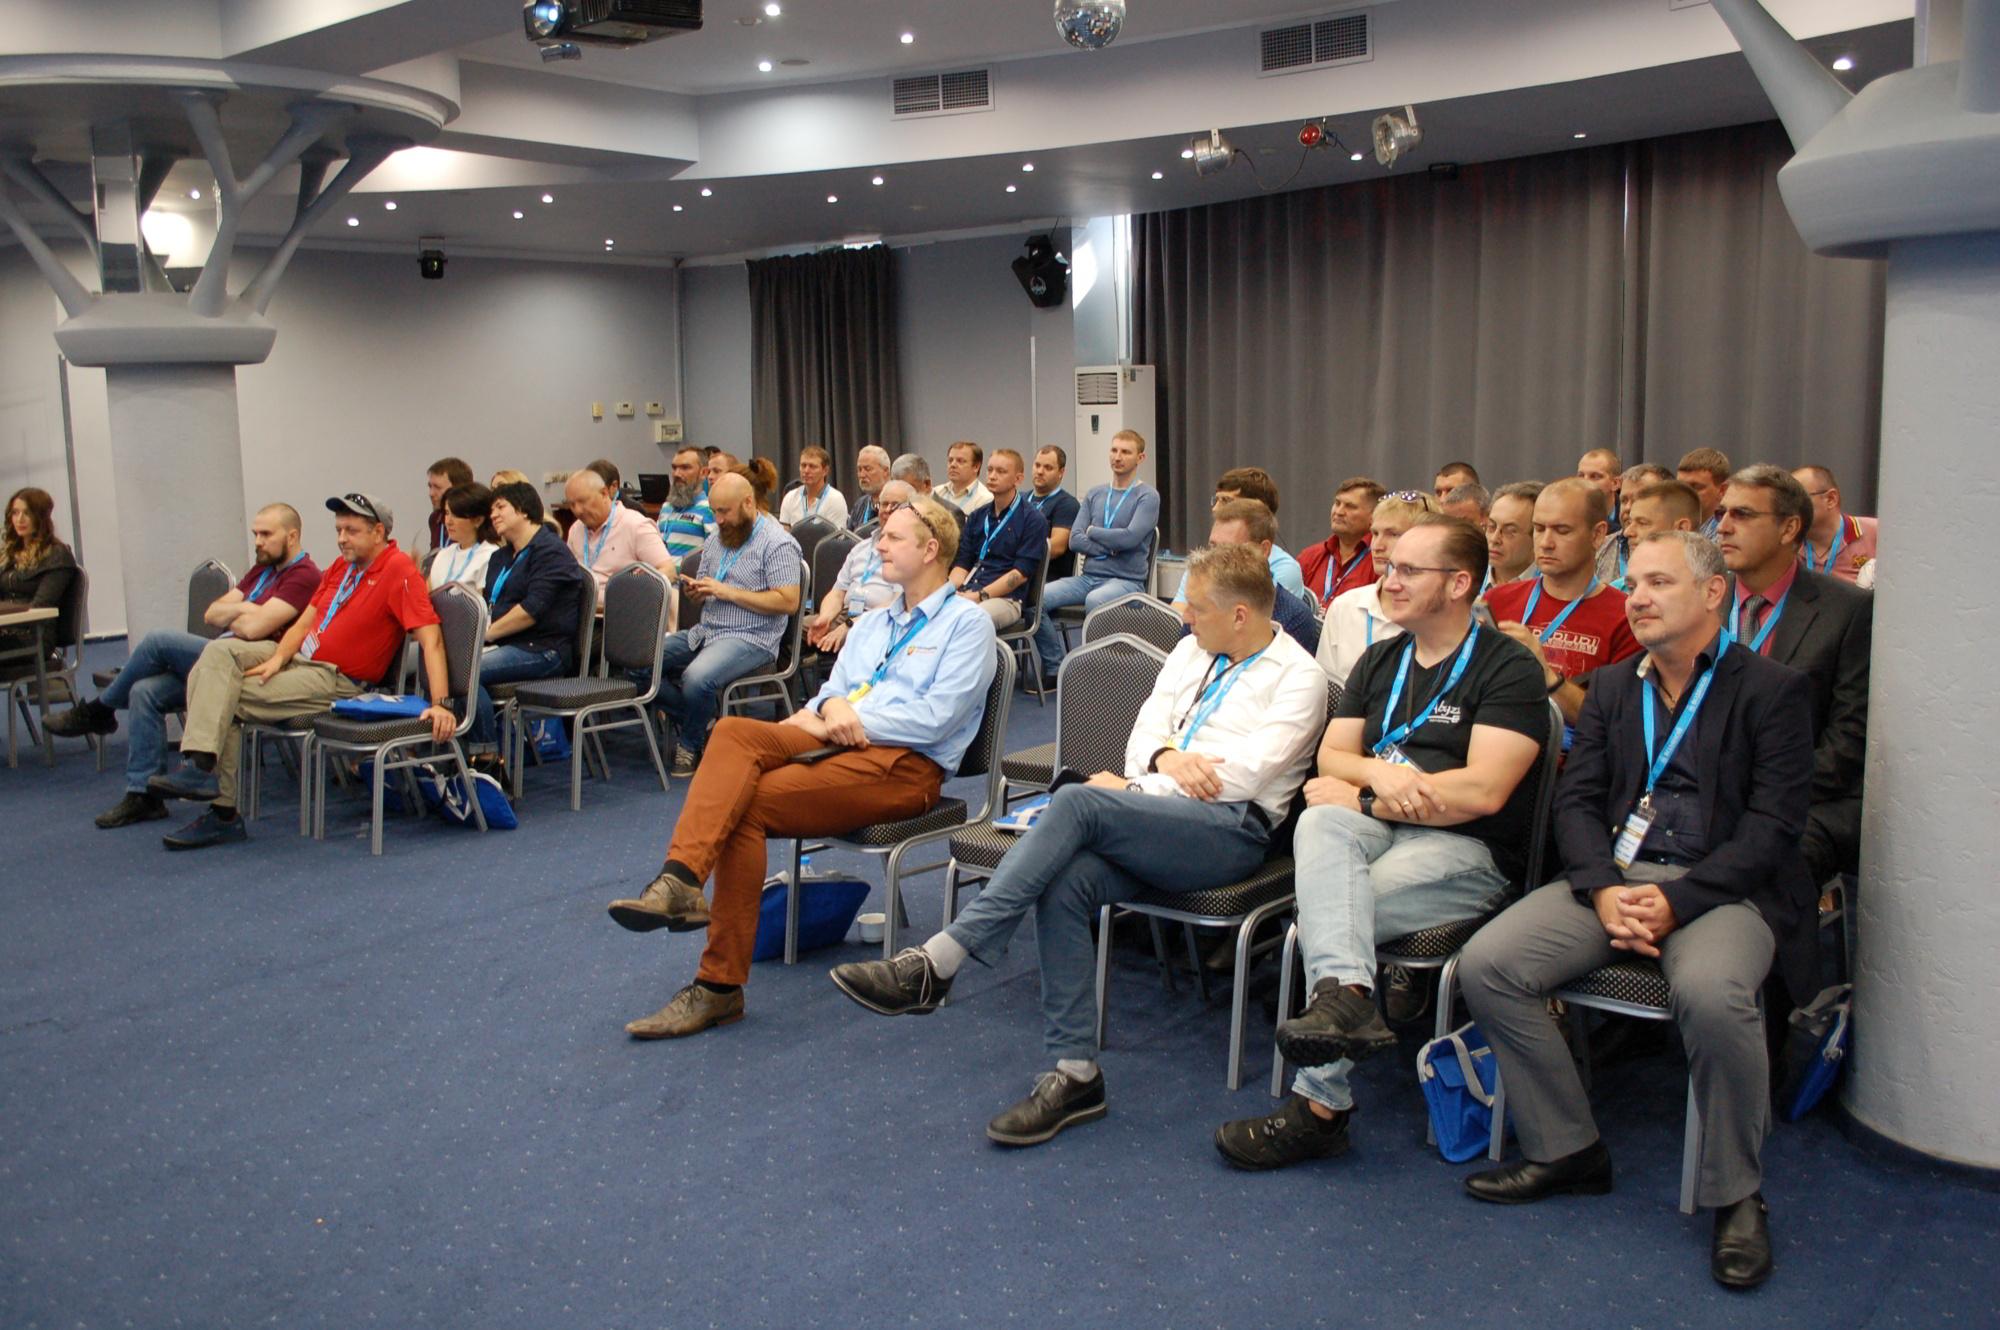 О Первой международной конференции по системам жизнеобеспечения аквариумов и бассейнов для содержания животных «ВОДЯНОЙ-2019»